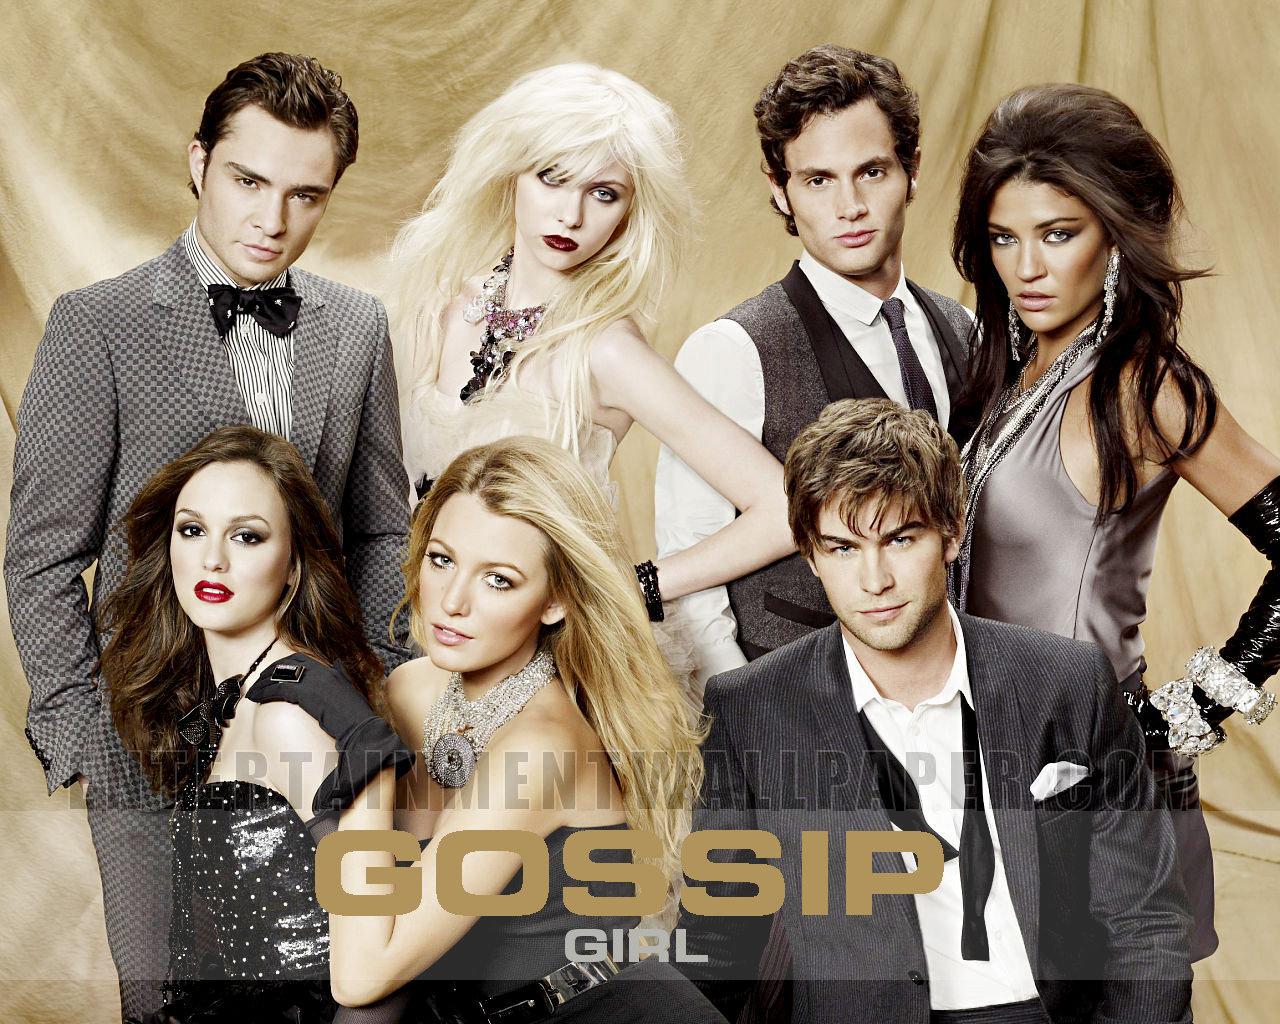 http://3.bp.blogspot.com/_MaOozVCIzqI/TUnGmNrvR5I/AAAAAAAAAFE/tIqG0QCELik/s1600/Gossip-Girl-season-4-wallpaper-16115235-1280-1024.jpg